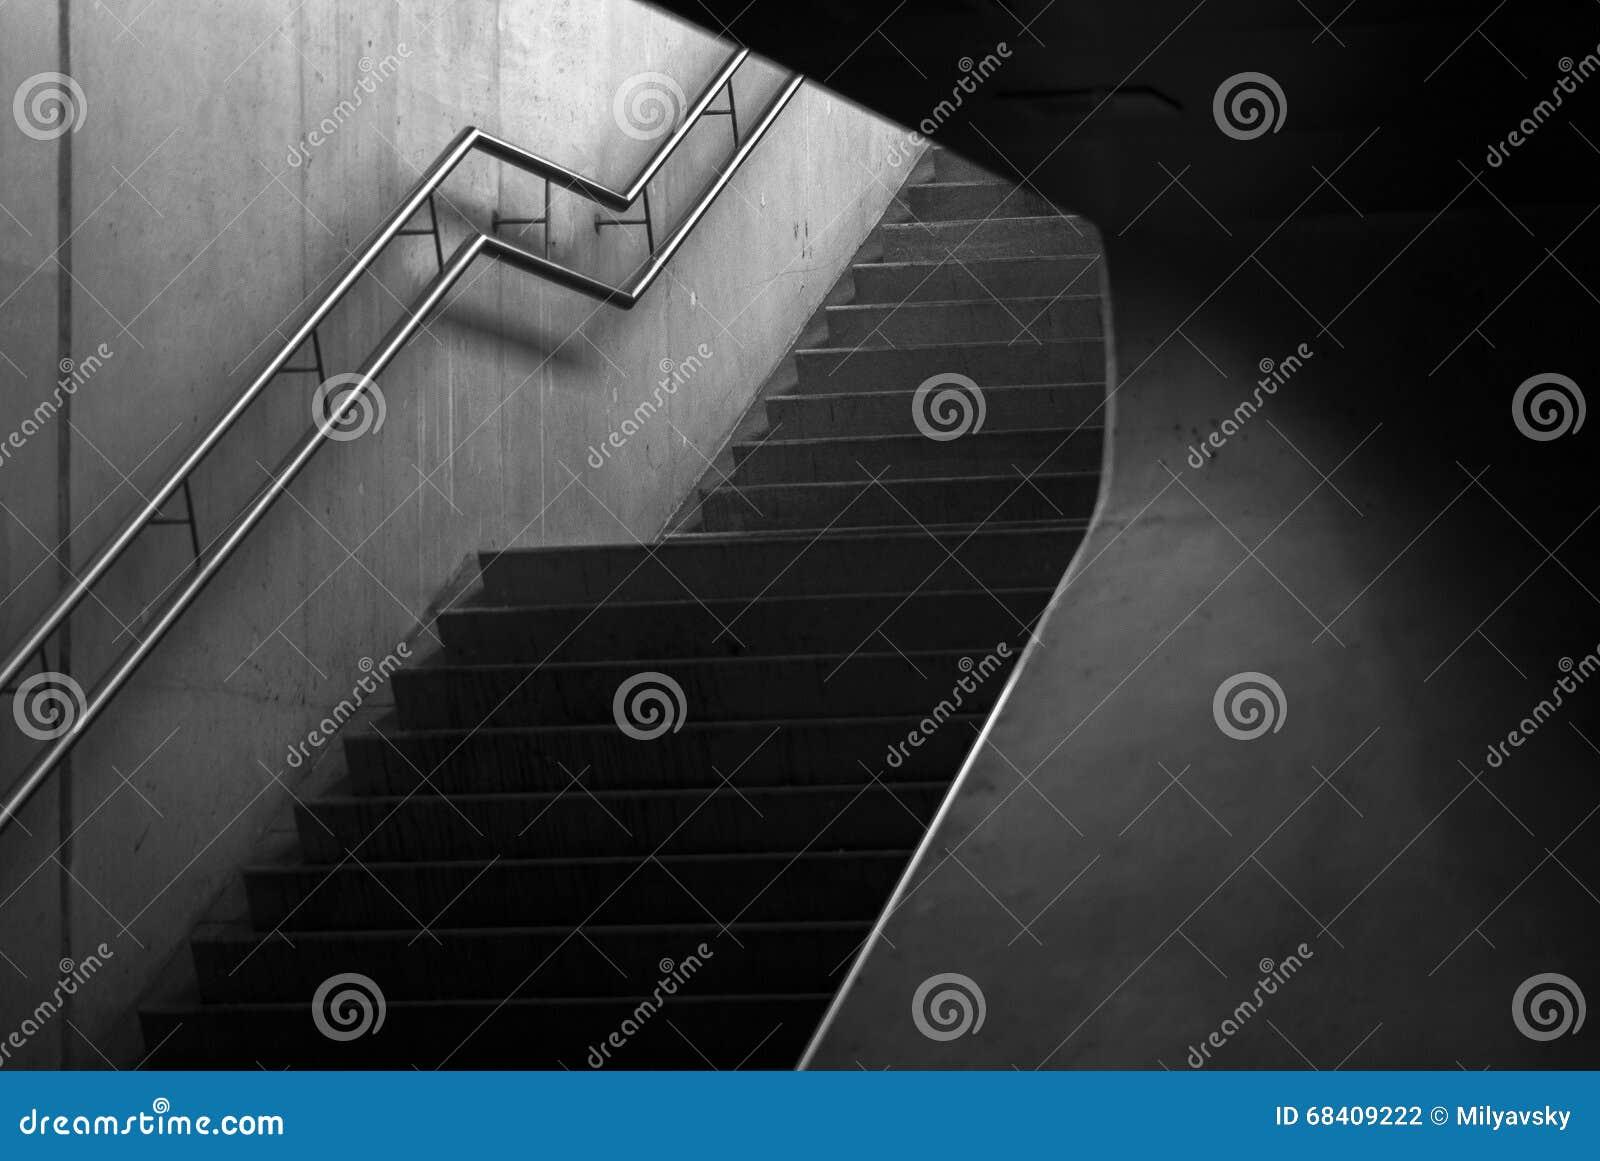 Stege trappa upp, geometri arkivfoto   bild: 68409222